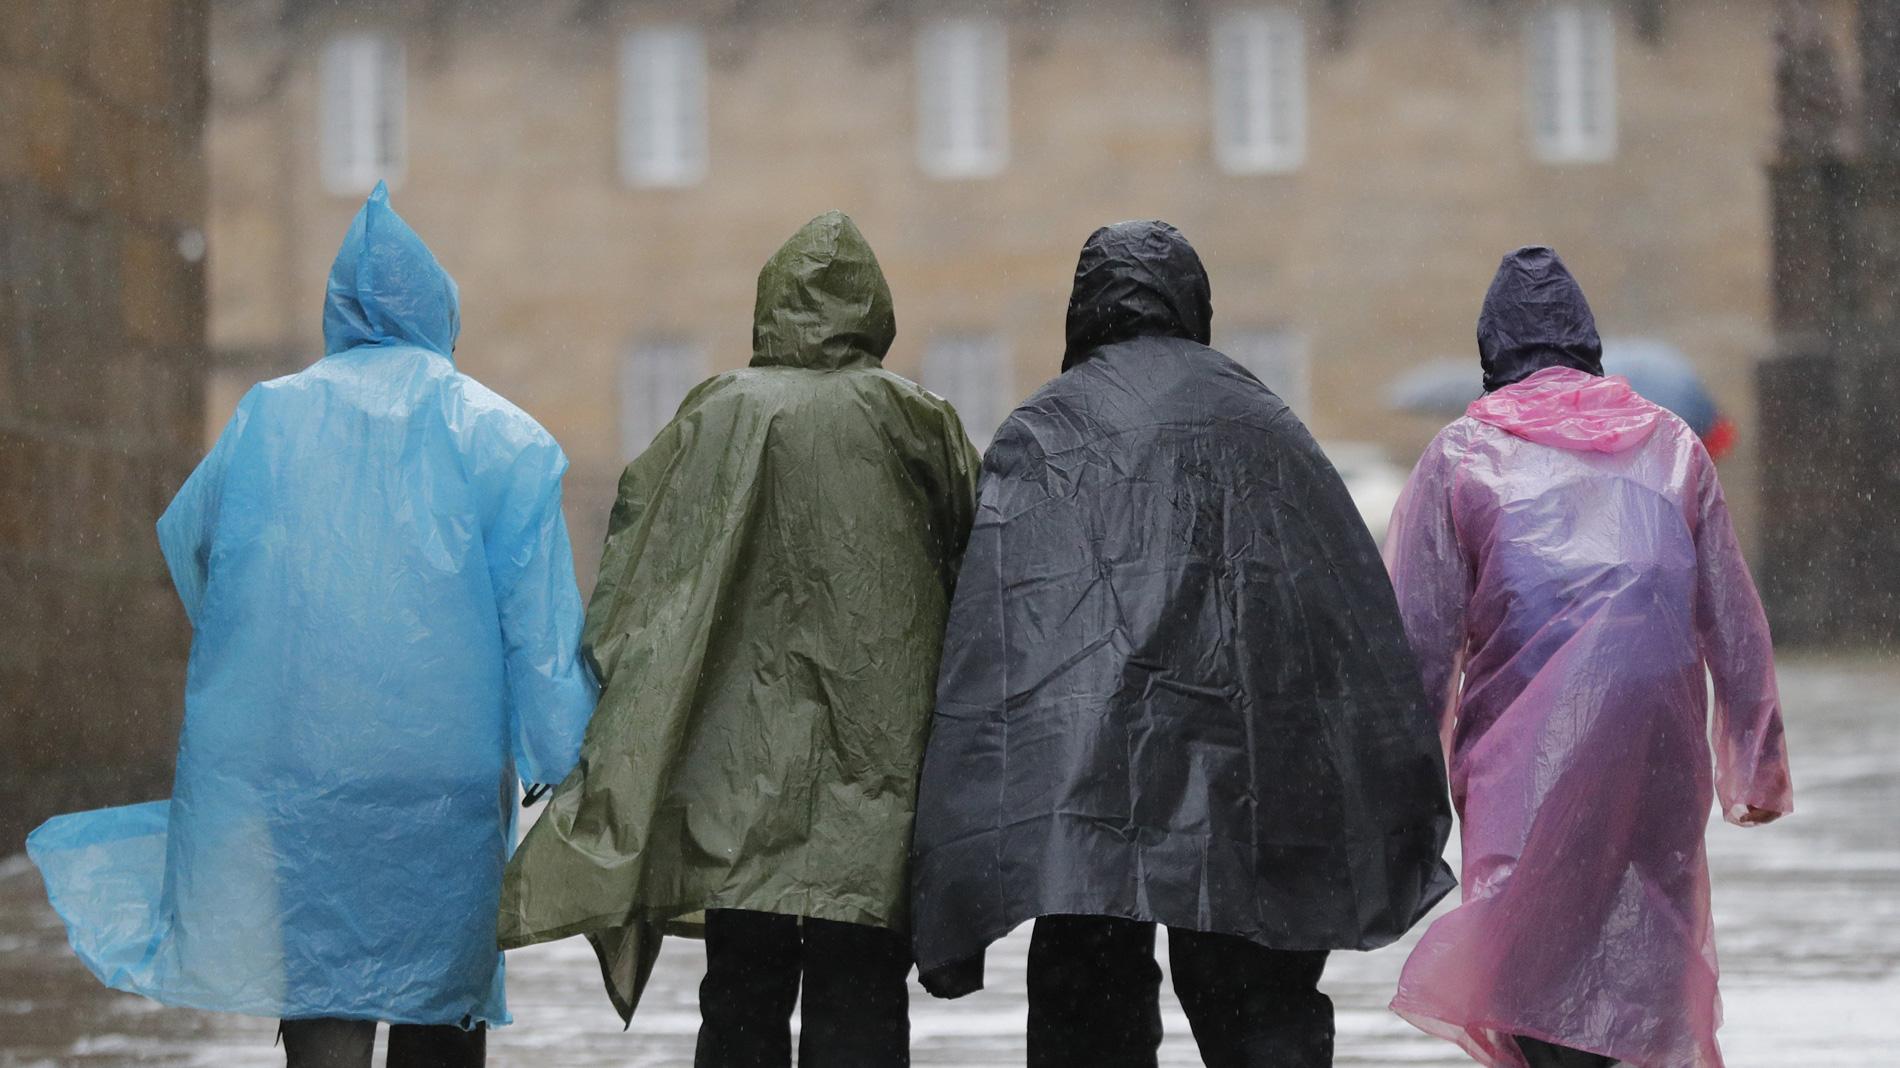 La borrasca 'Ana' pone en alerta a media España por intensas lluvias y vientos